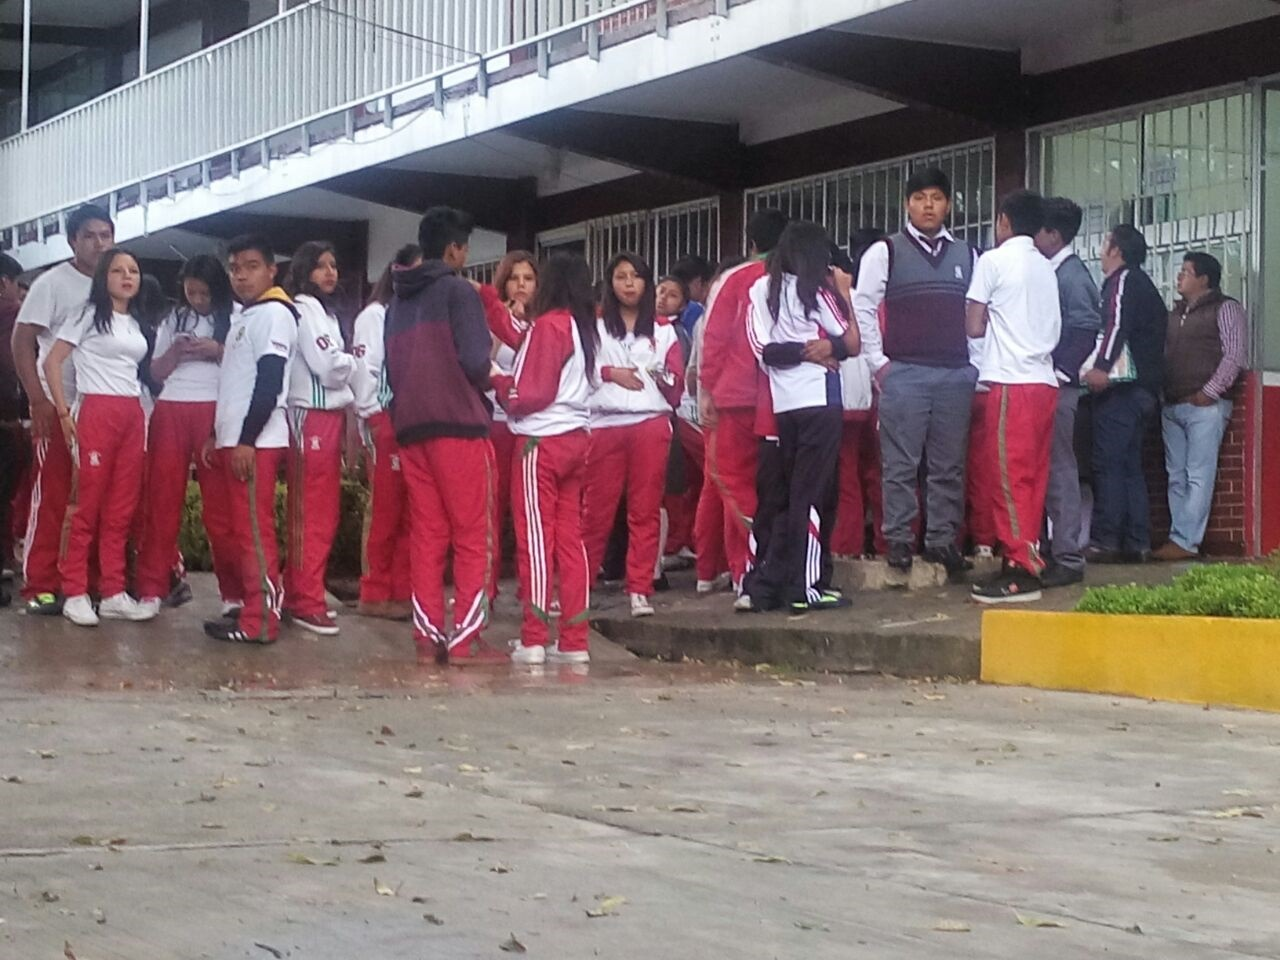 Prostesta alumnos del Cobat contra prohibición de director